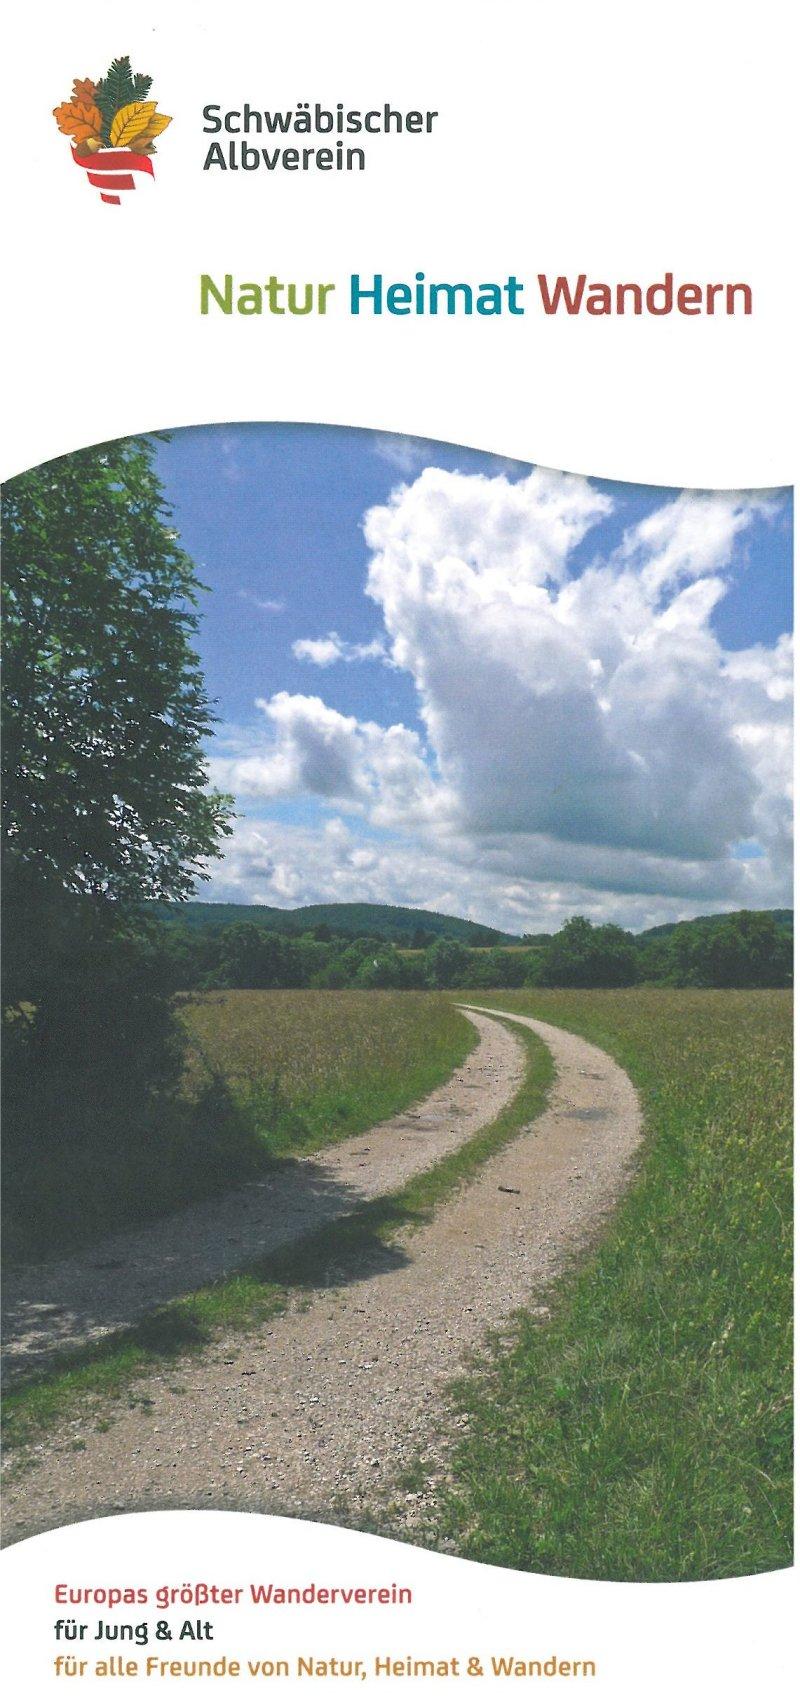 Image-Flyer Schwäbischer Albverein